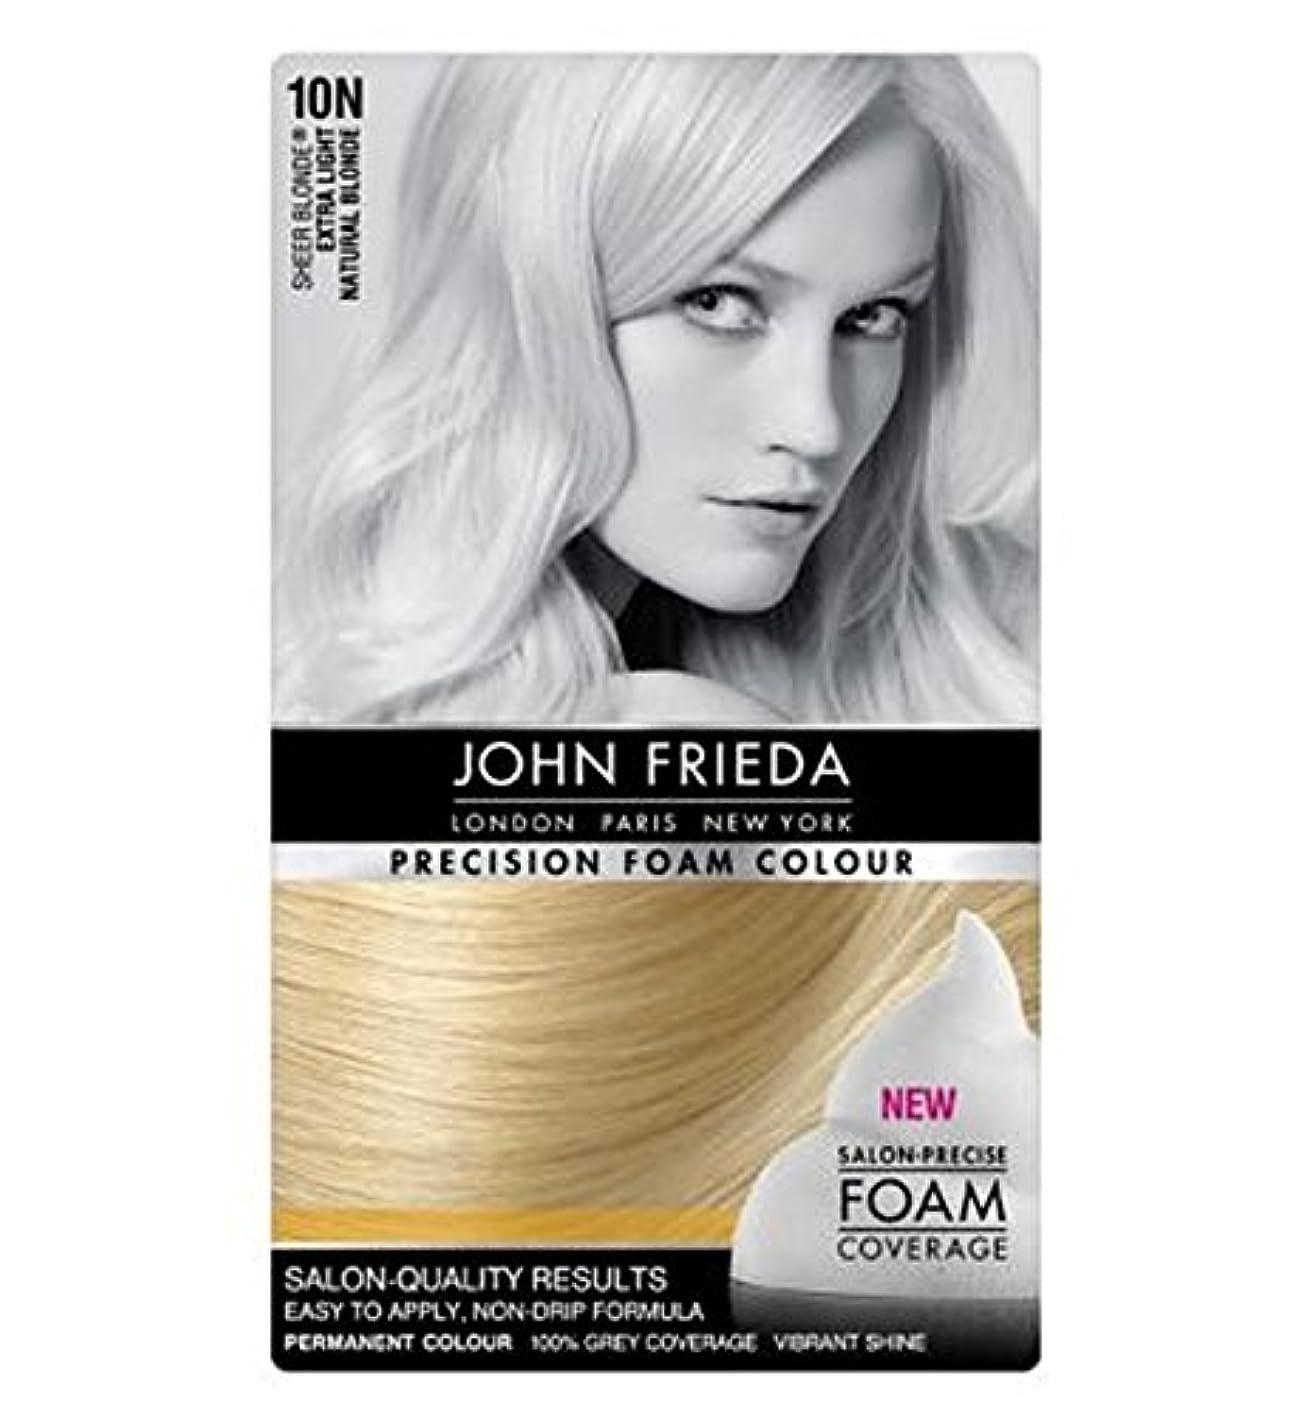 変化彼女自身はっきりしないJohn Frieda Precision Foam Colour 10N Extra Light Natural Blonde - ジョン?フリーダ精密泡カラー10Nの余分な光を自然なブロンド (John Frieda) [並行輸入品]